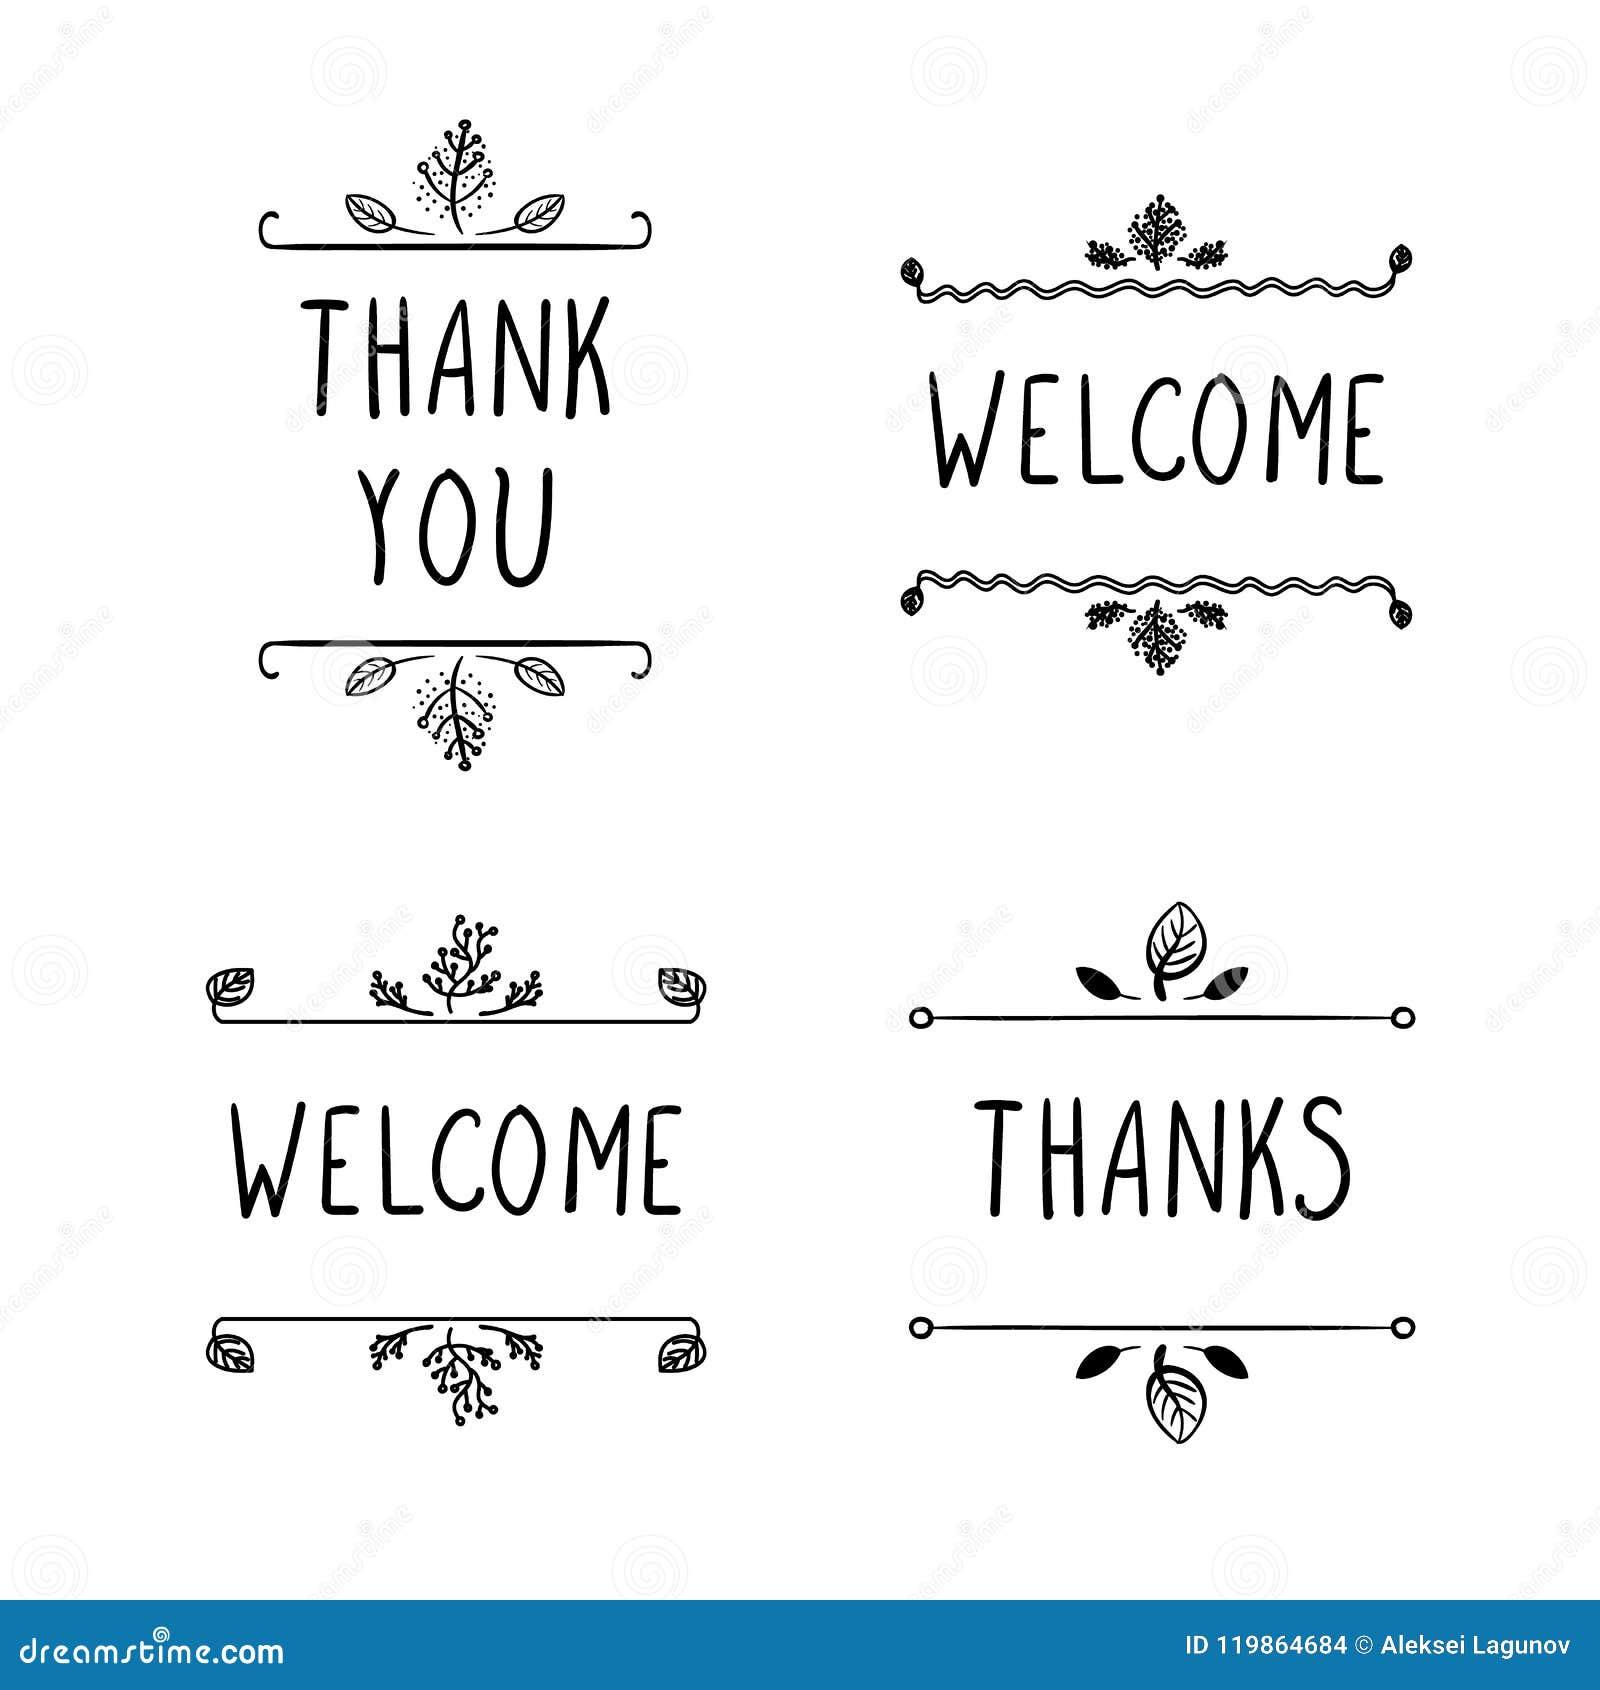 Διανυσματικά σημάδια Doodle: Η υποδοχή, ευχαριστίες και σας ευχαριστεί, μαύρα σχέδια περιλήψεων που απομονώνονται